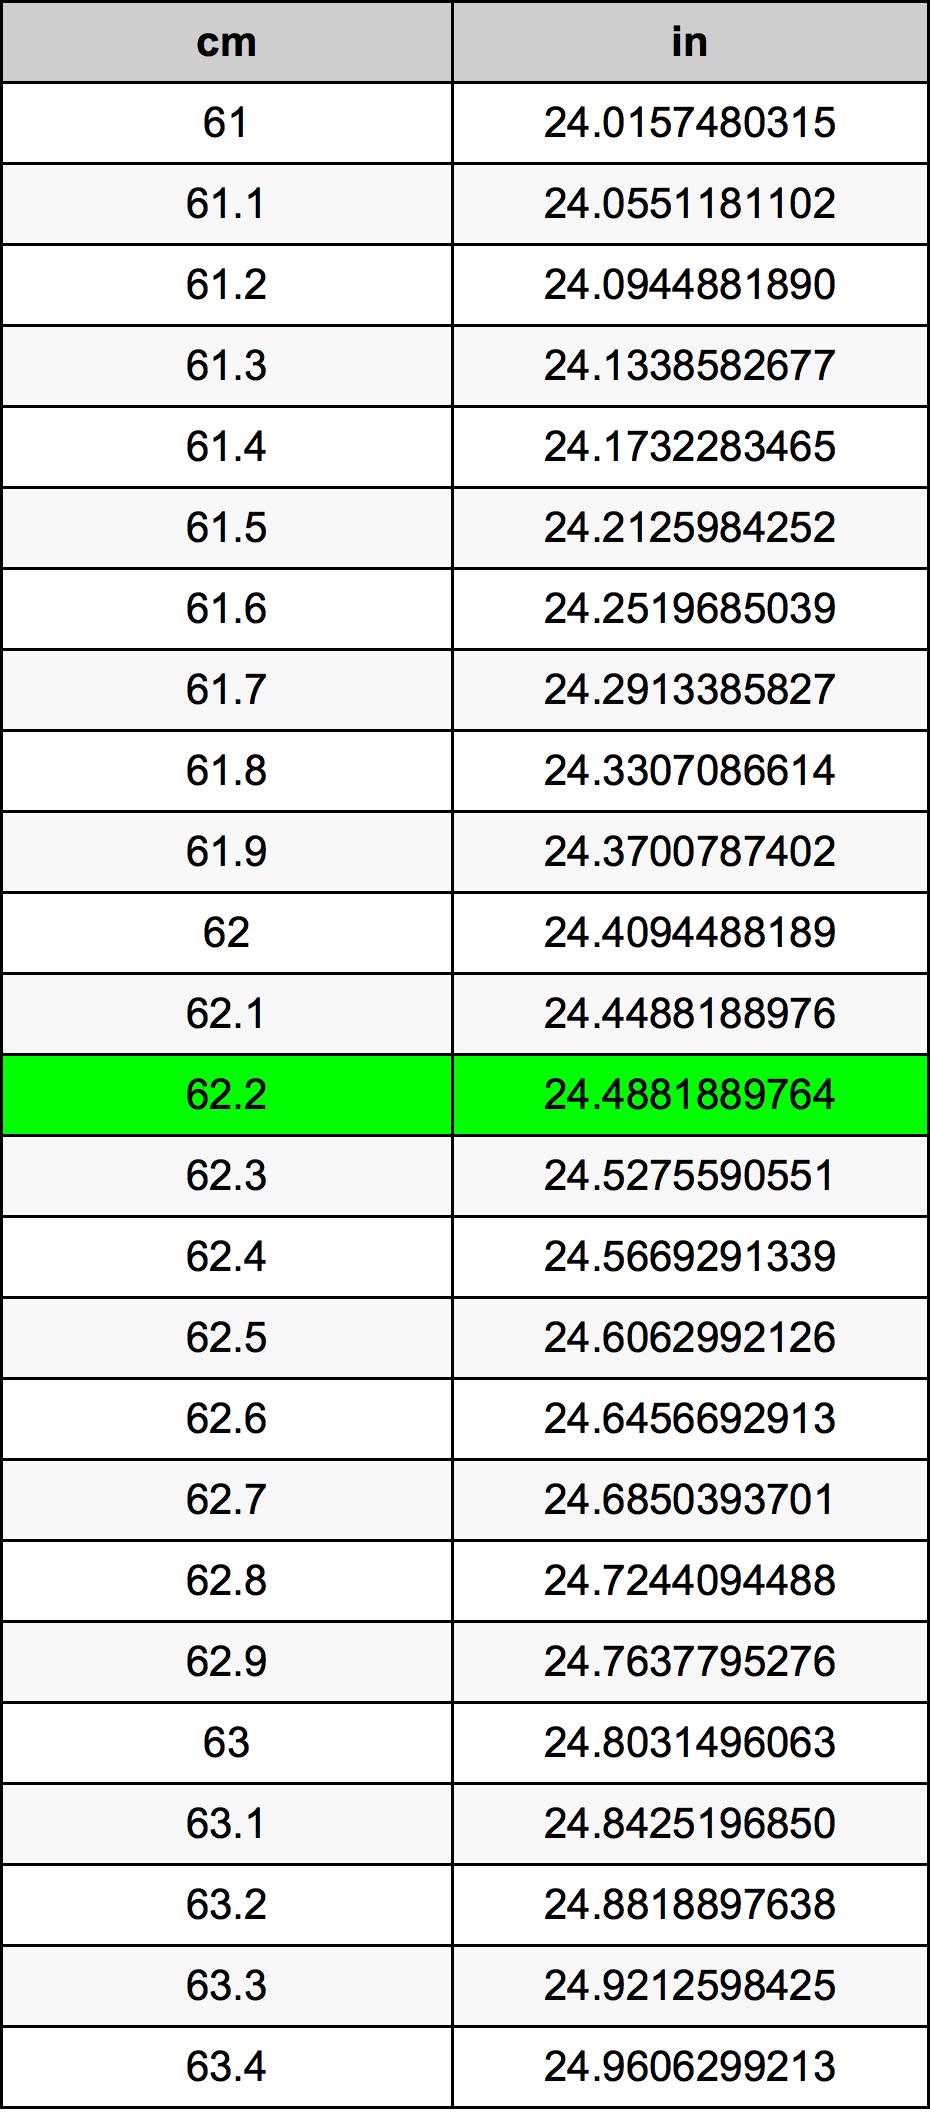 62.2 सेंटीमीटर रूपांतरण सारणी